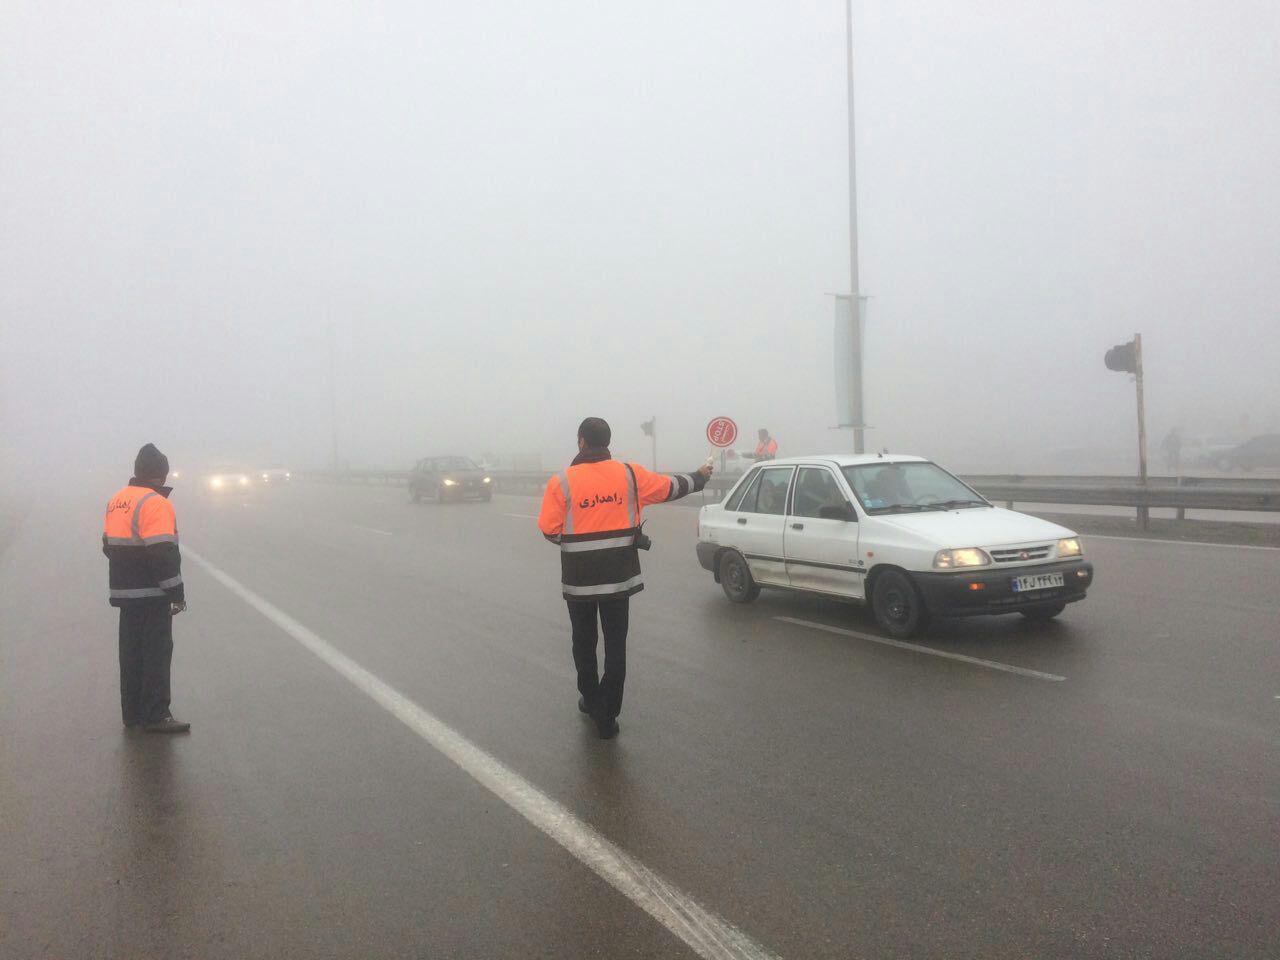 ممنوعیت تردد در آزادراه مشهد-باغچه به دلیل مه غلیظ